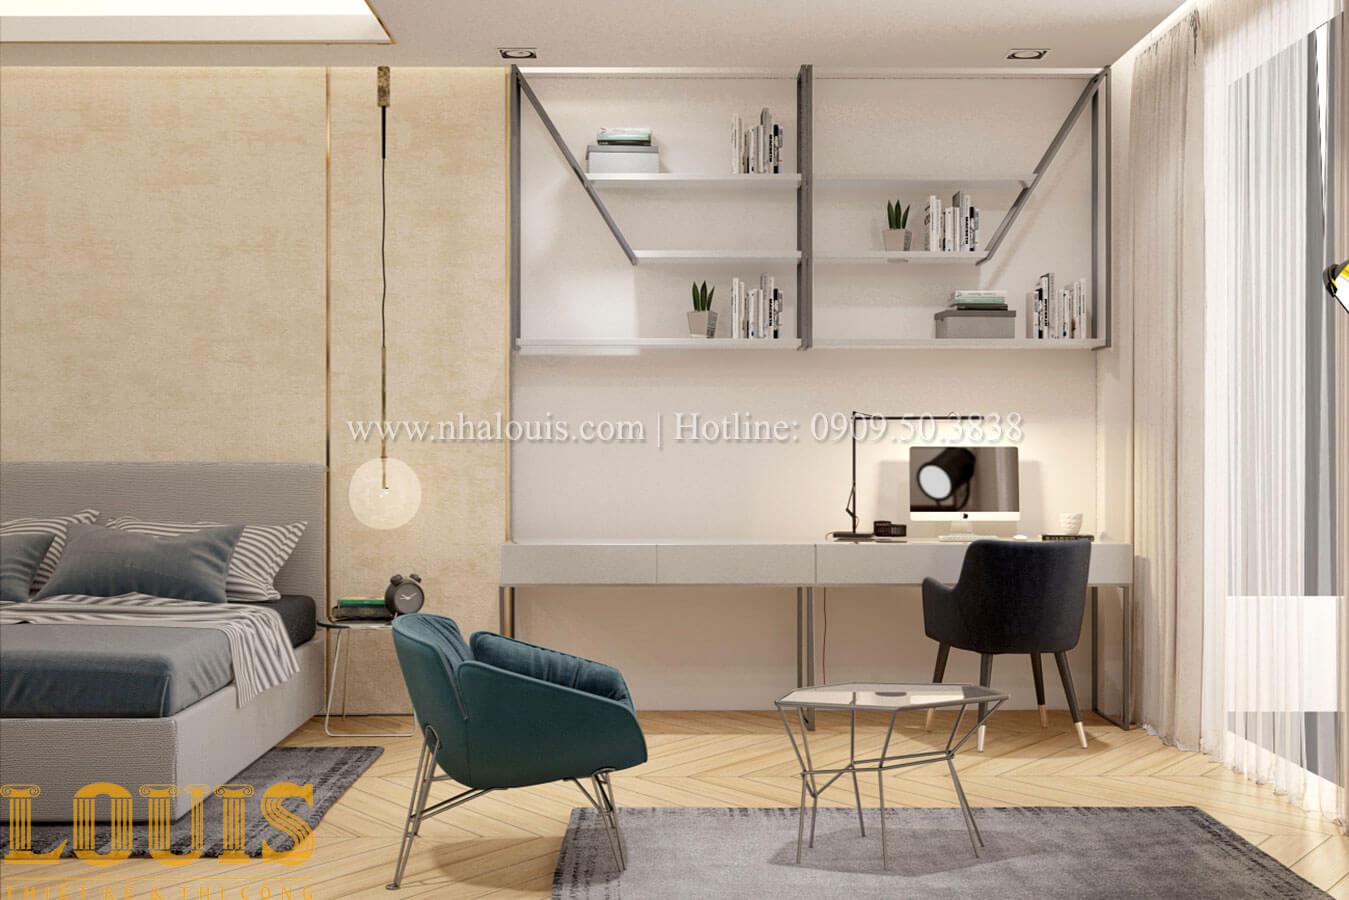 Phòng ngủ con trai Thiết kế cải tạo nhà phố 6 tầng chuẩn tinh tế tại Quận 11 - 37